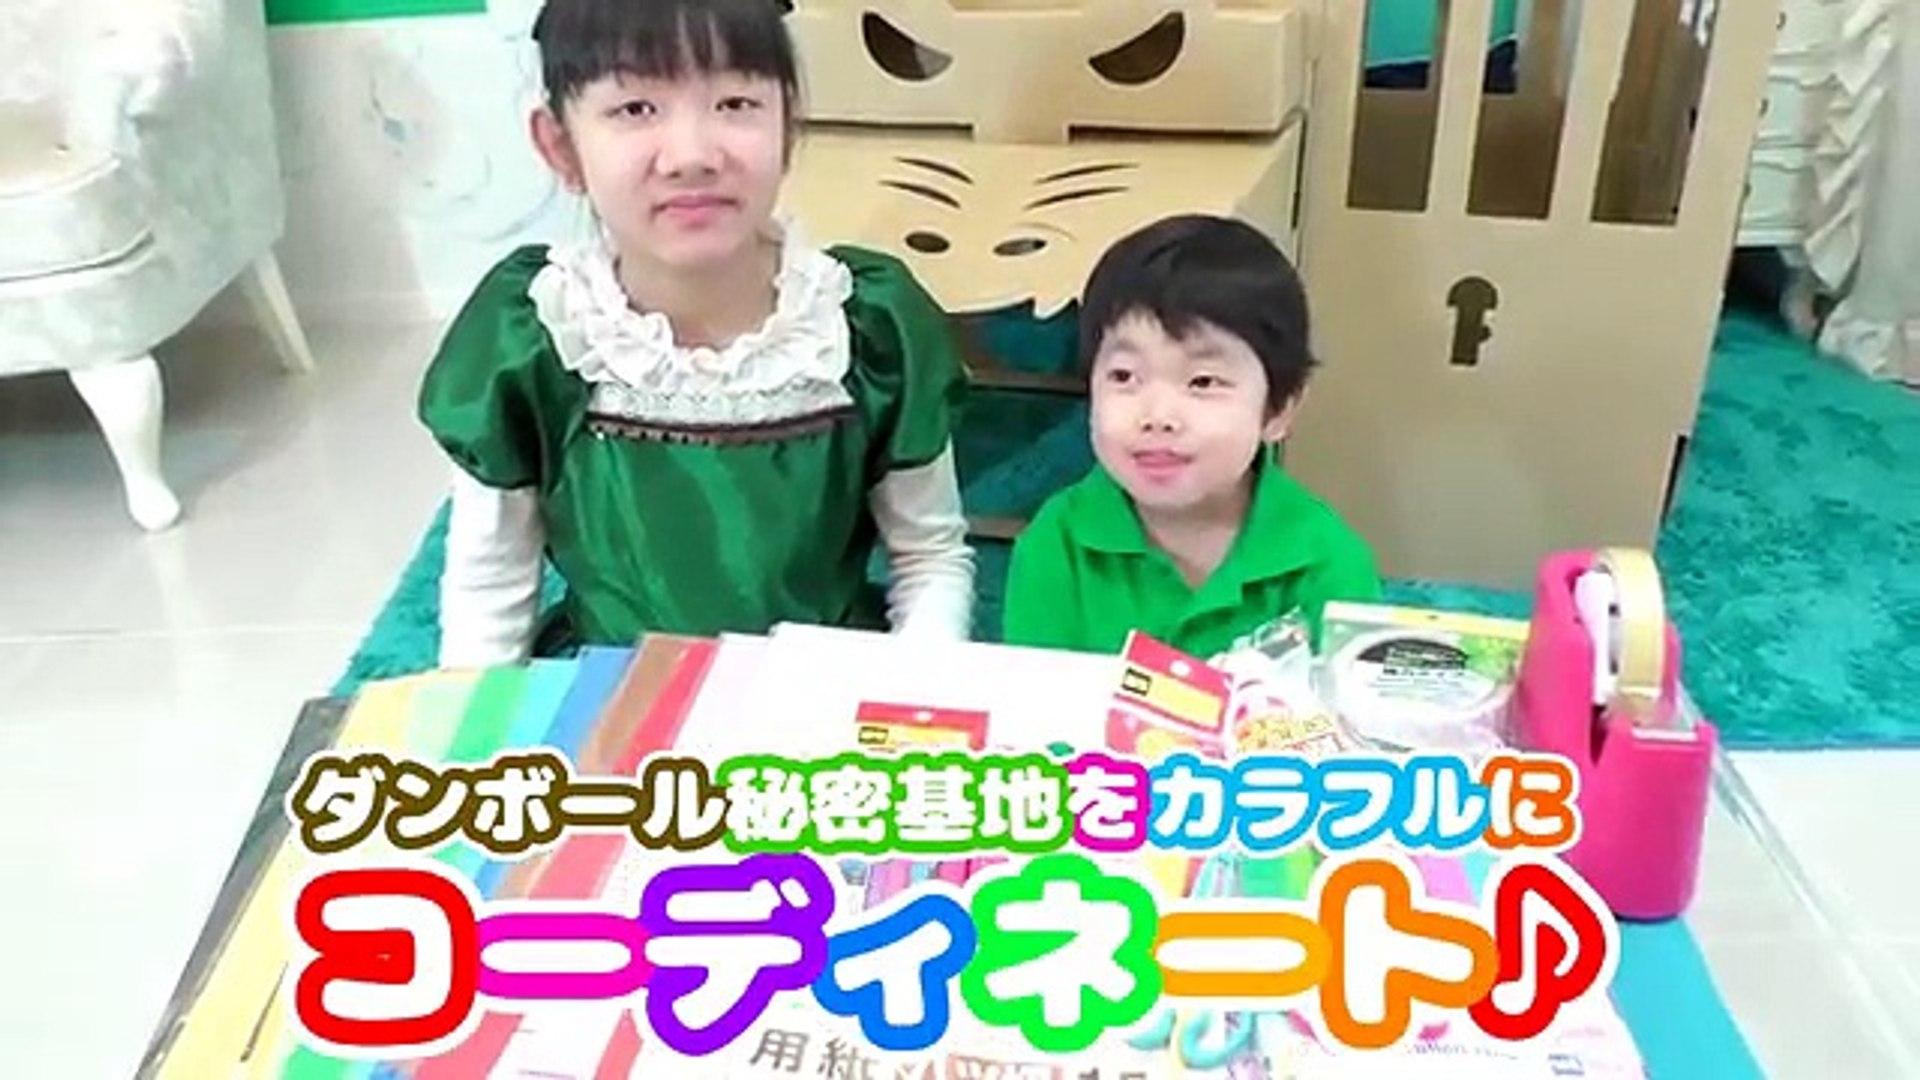 お ー くん ひめ ちゃん の youtube